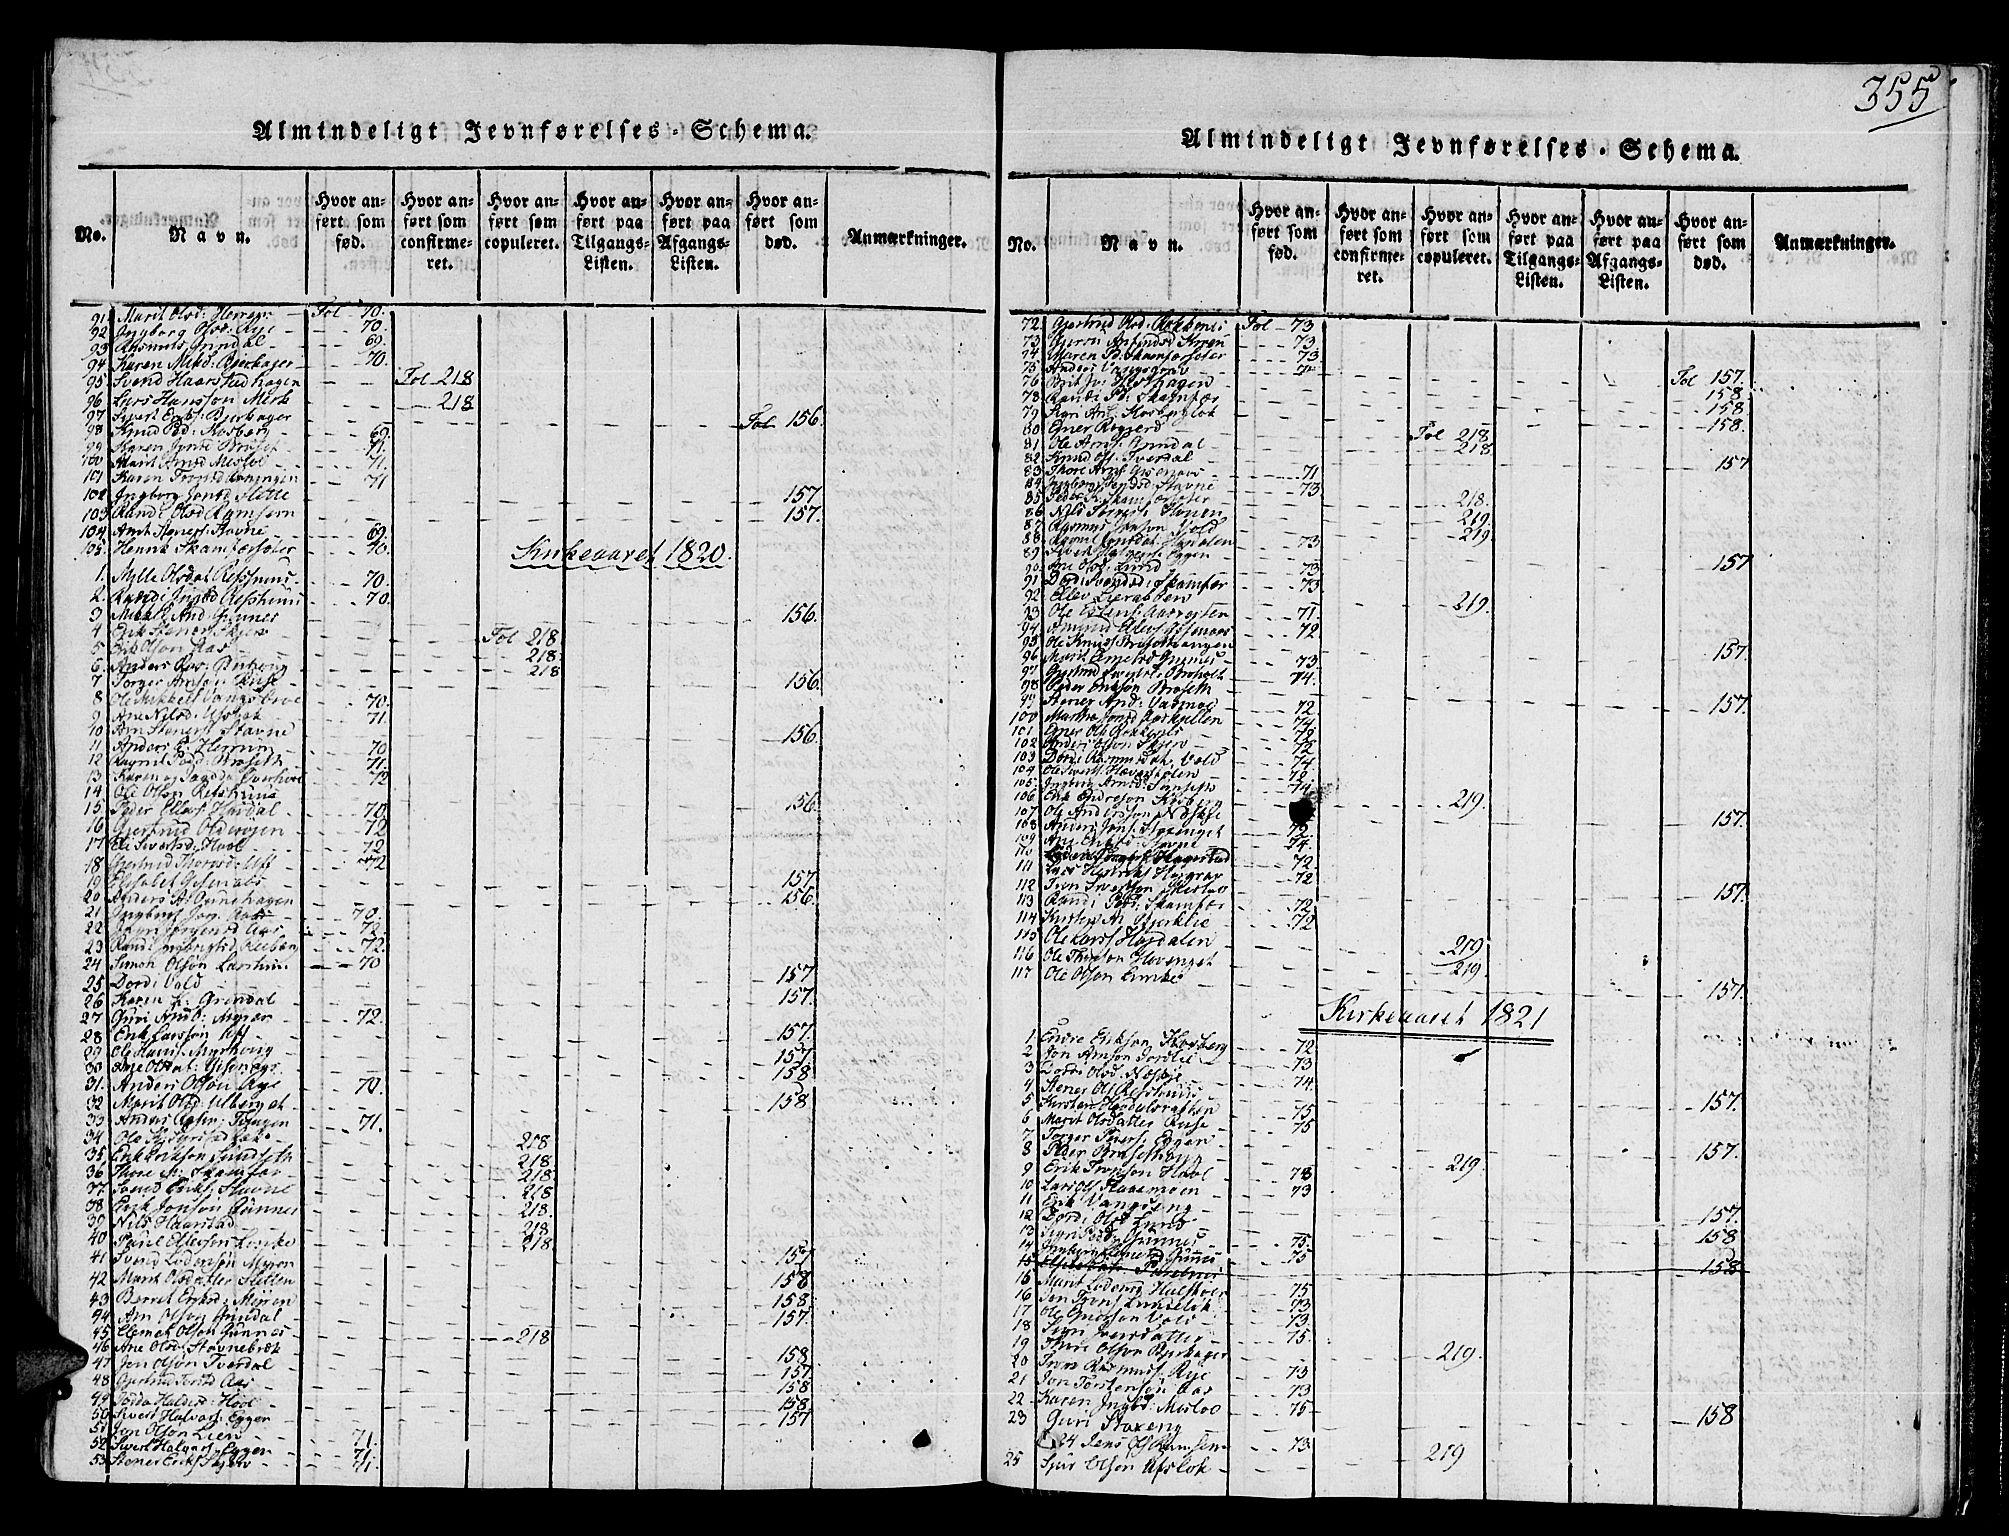 SAT, Ministerialprotokoller, klokkerbøker og fødselsregistre - Sør-Trøndelag, 672/L0854: Ministerialbok nr. 672A06 /2, 1816-1829, s. 355